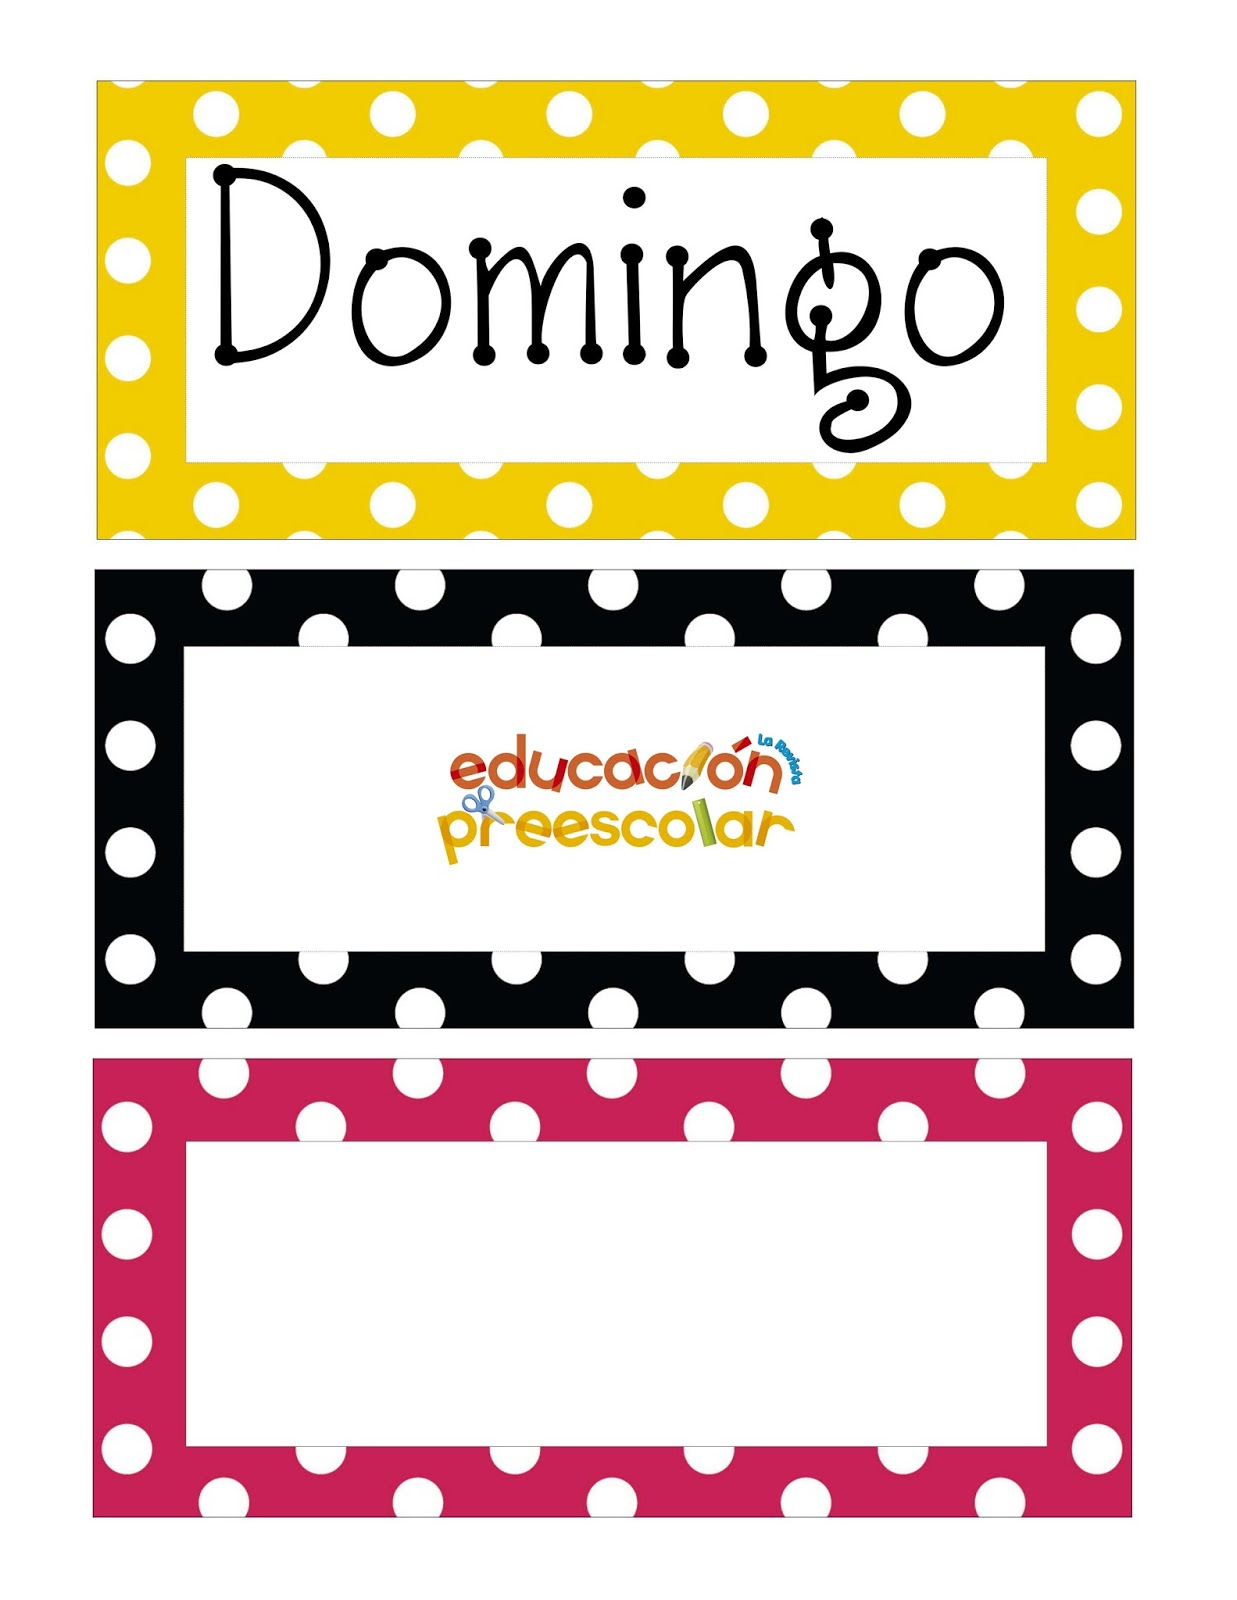 Dias D La Semana En Ingles Interesting Dias D La Semana En Ingles Elegant De Los Siete Das De